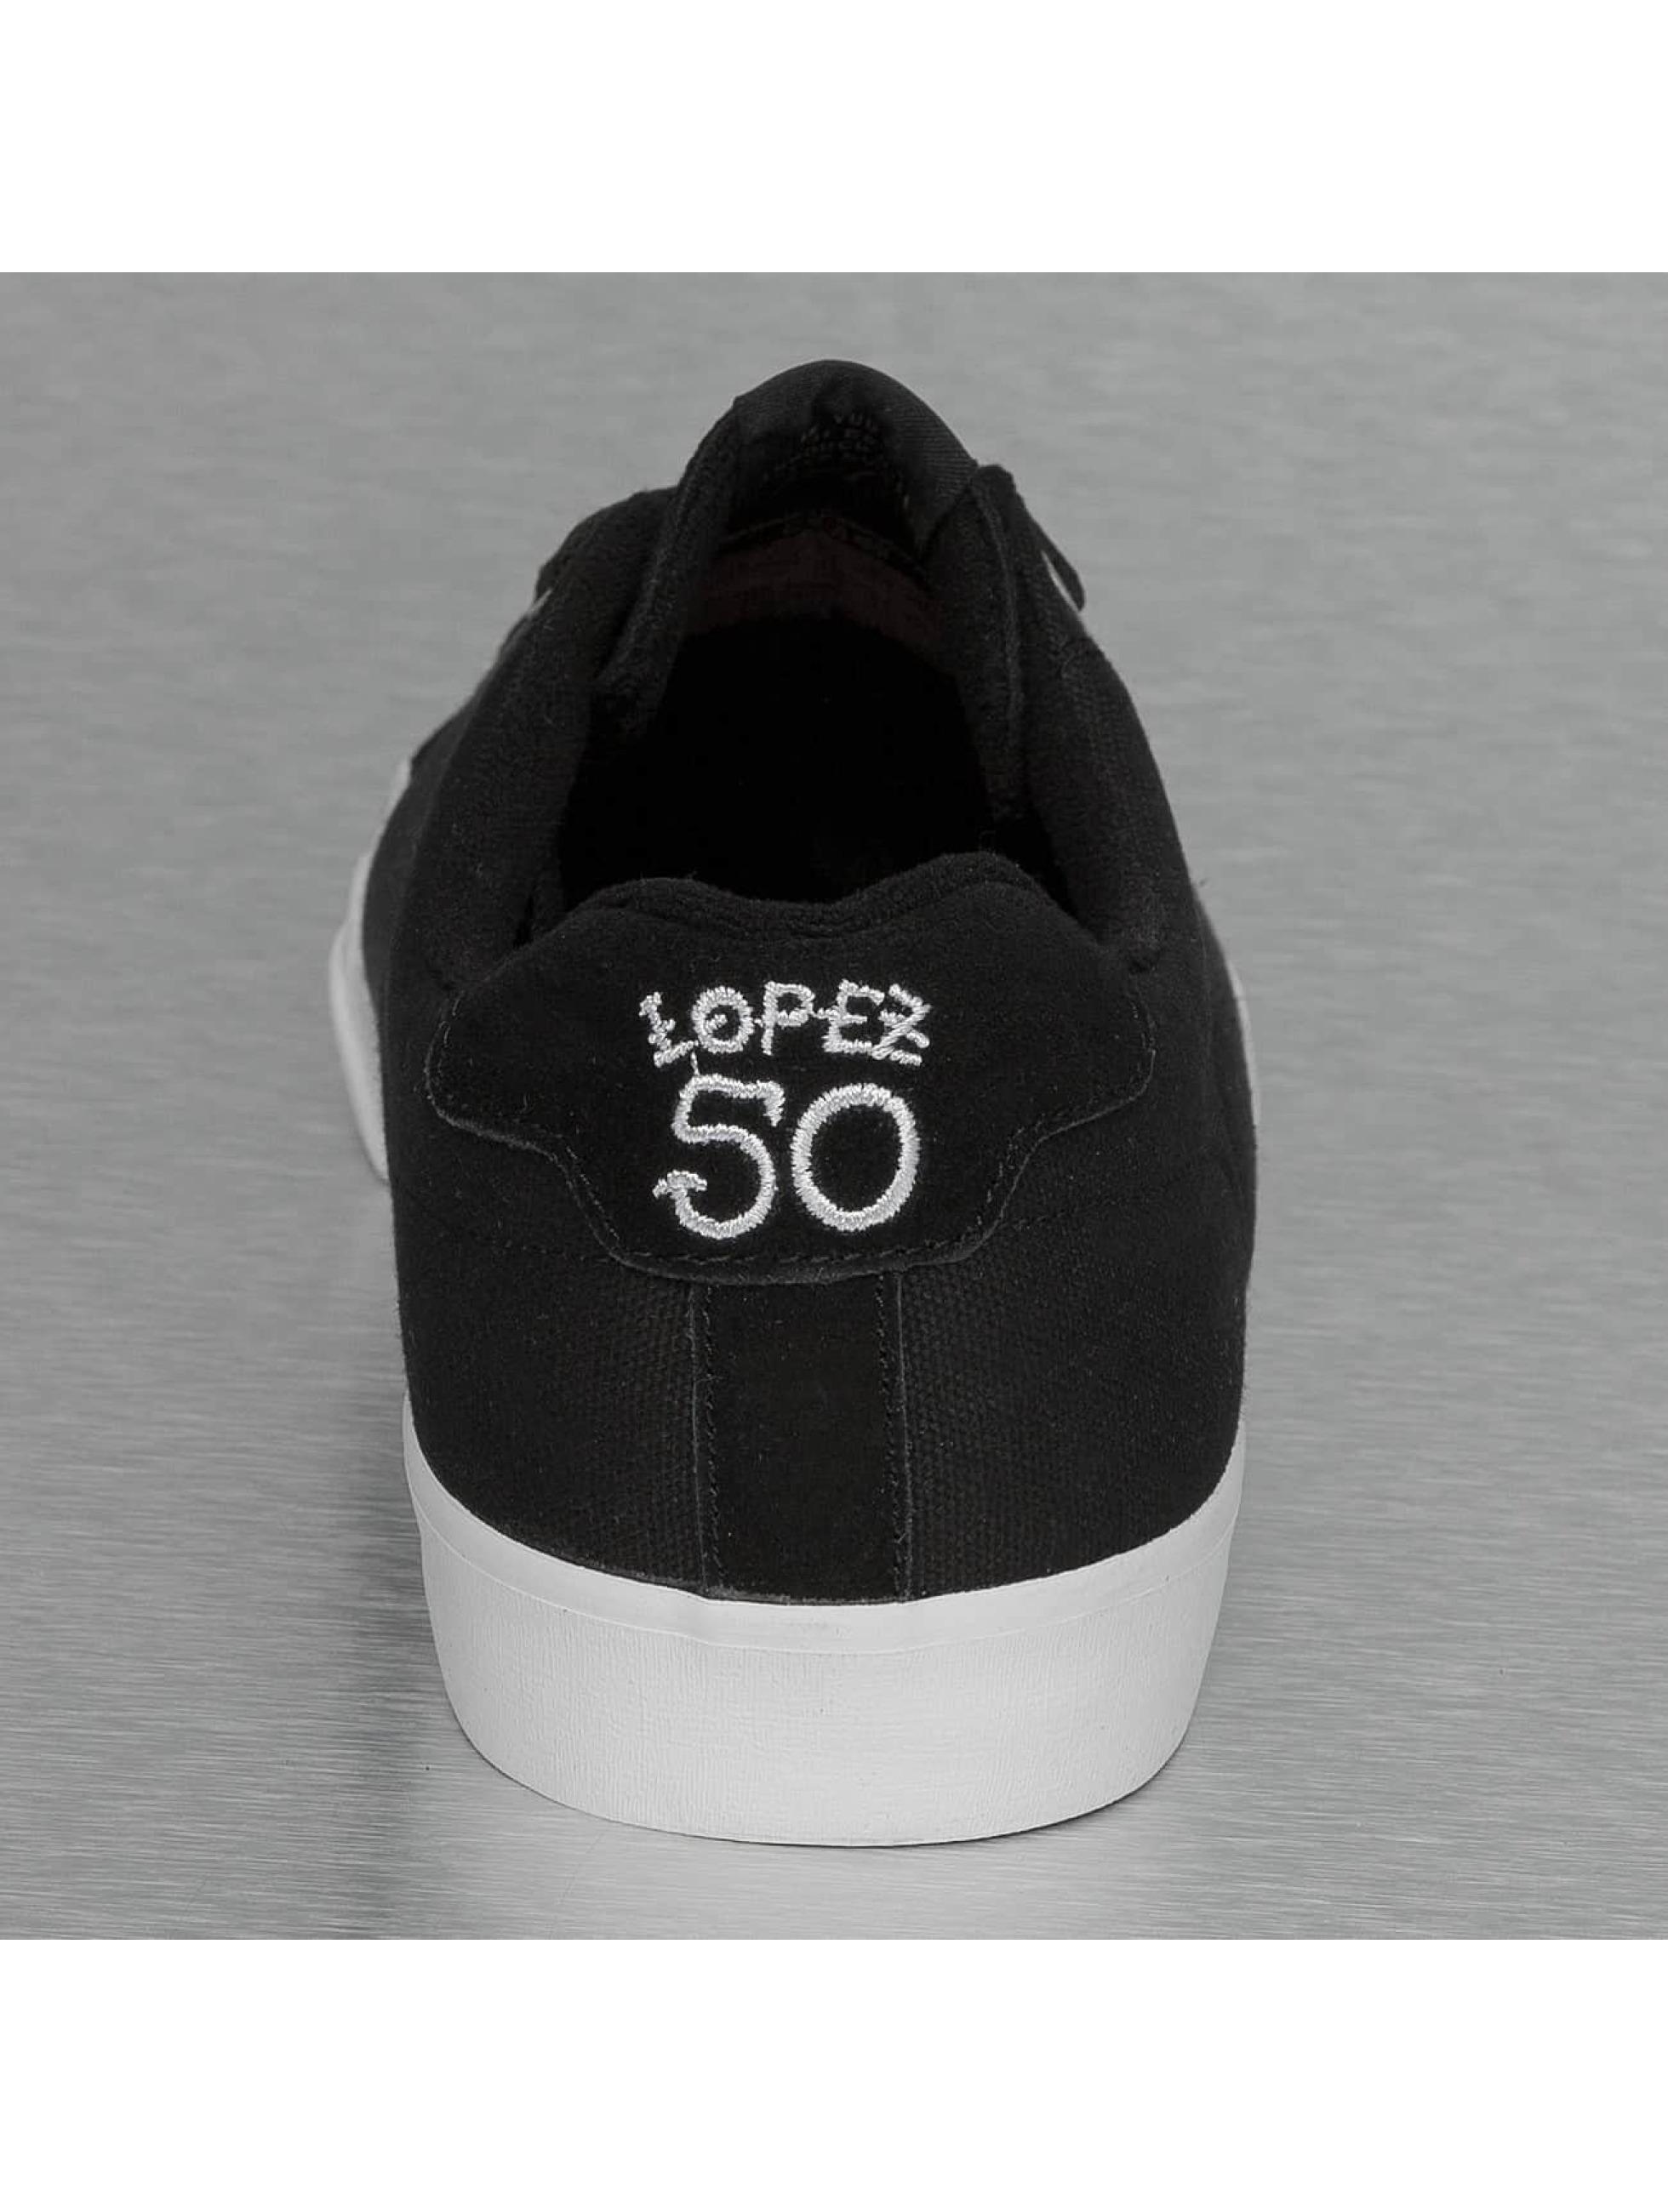 C1RCA Baskets Lopez 50 noir